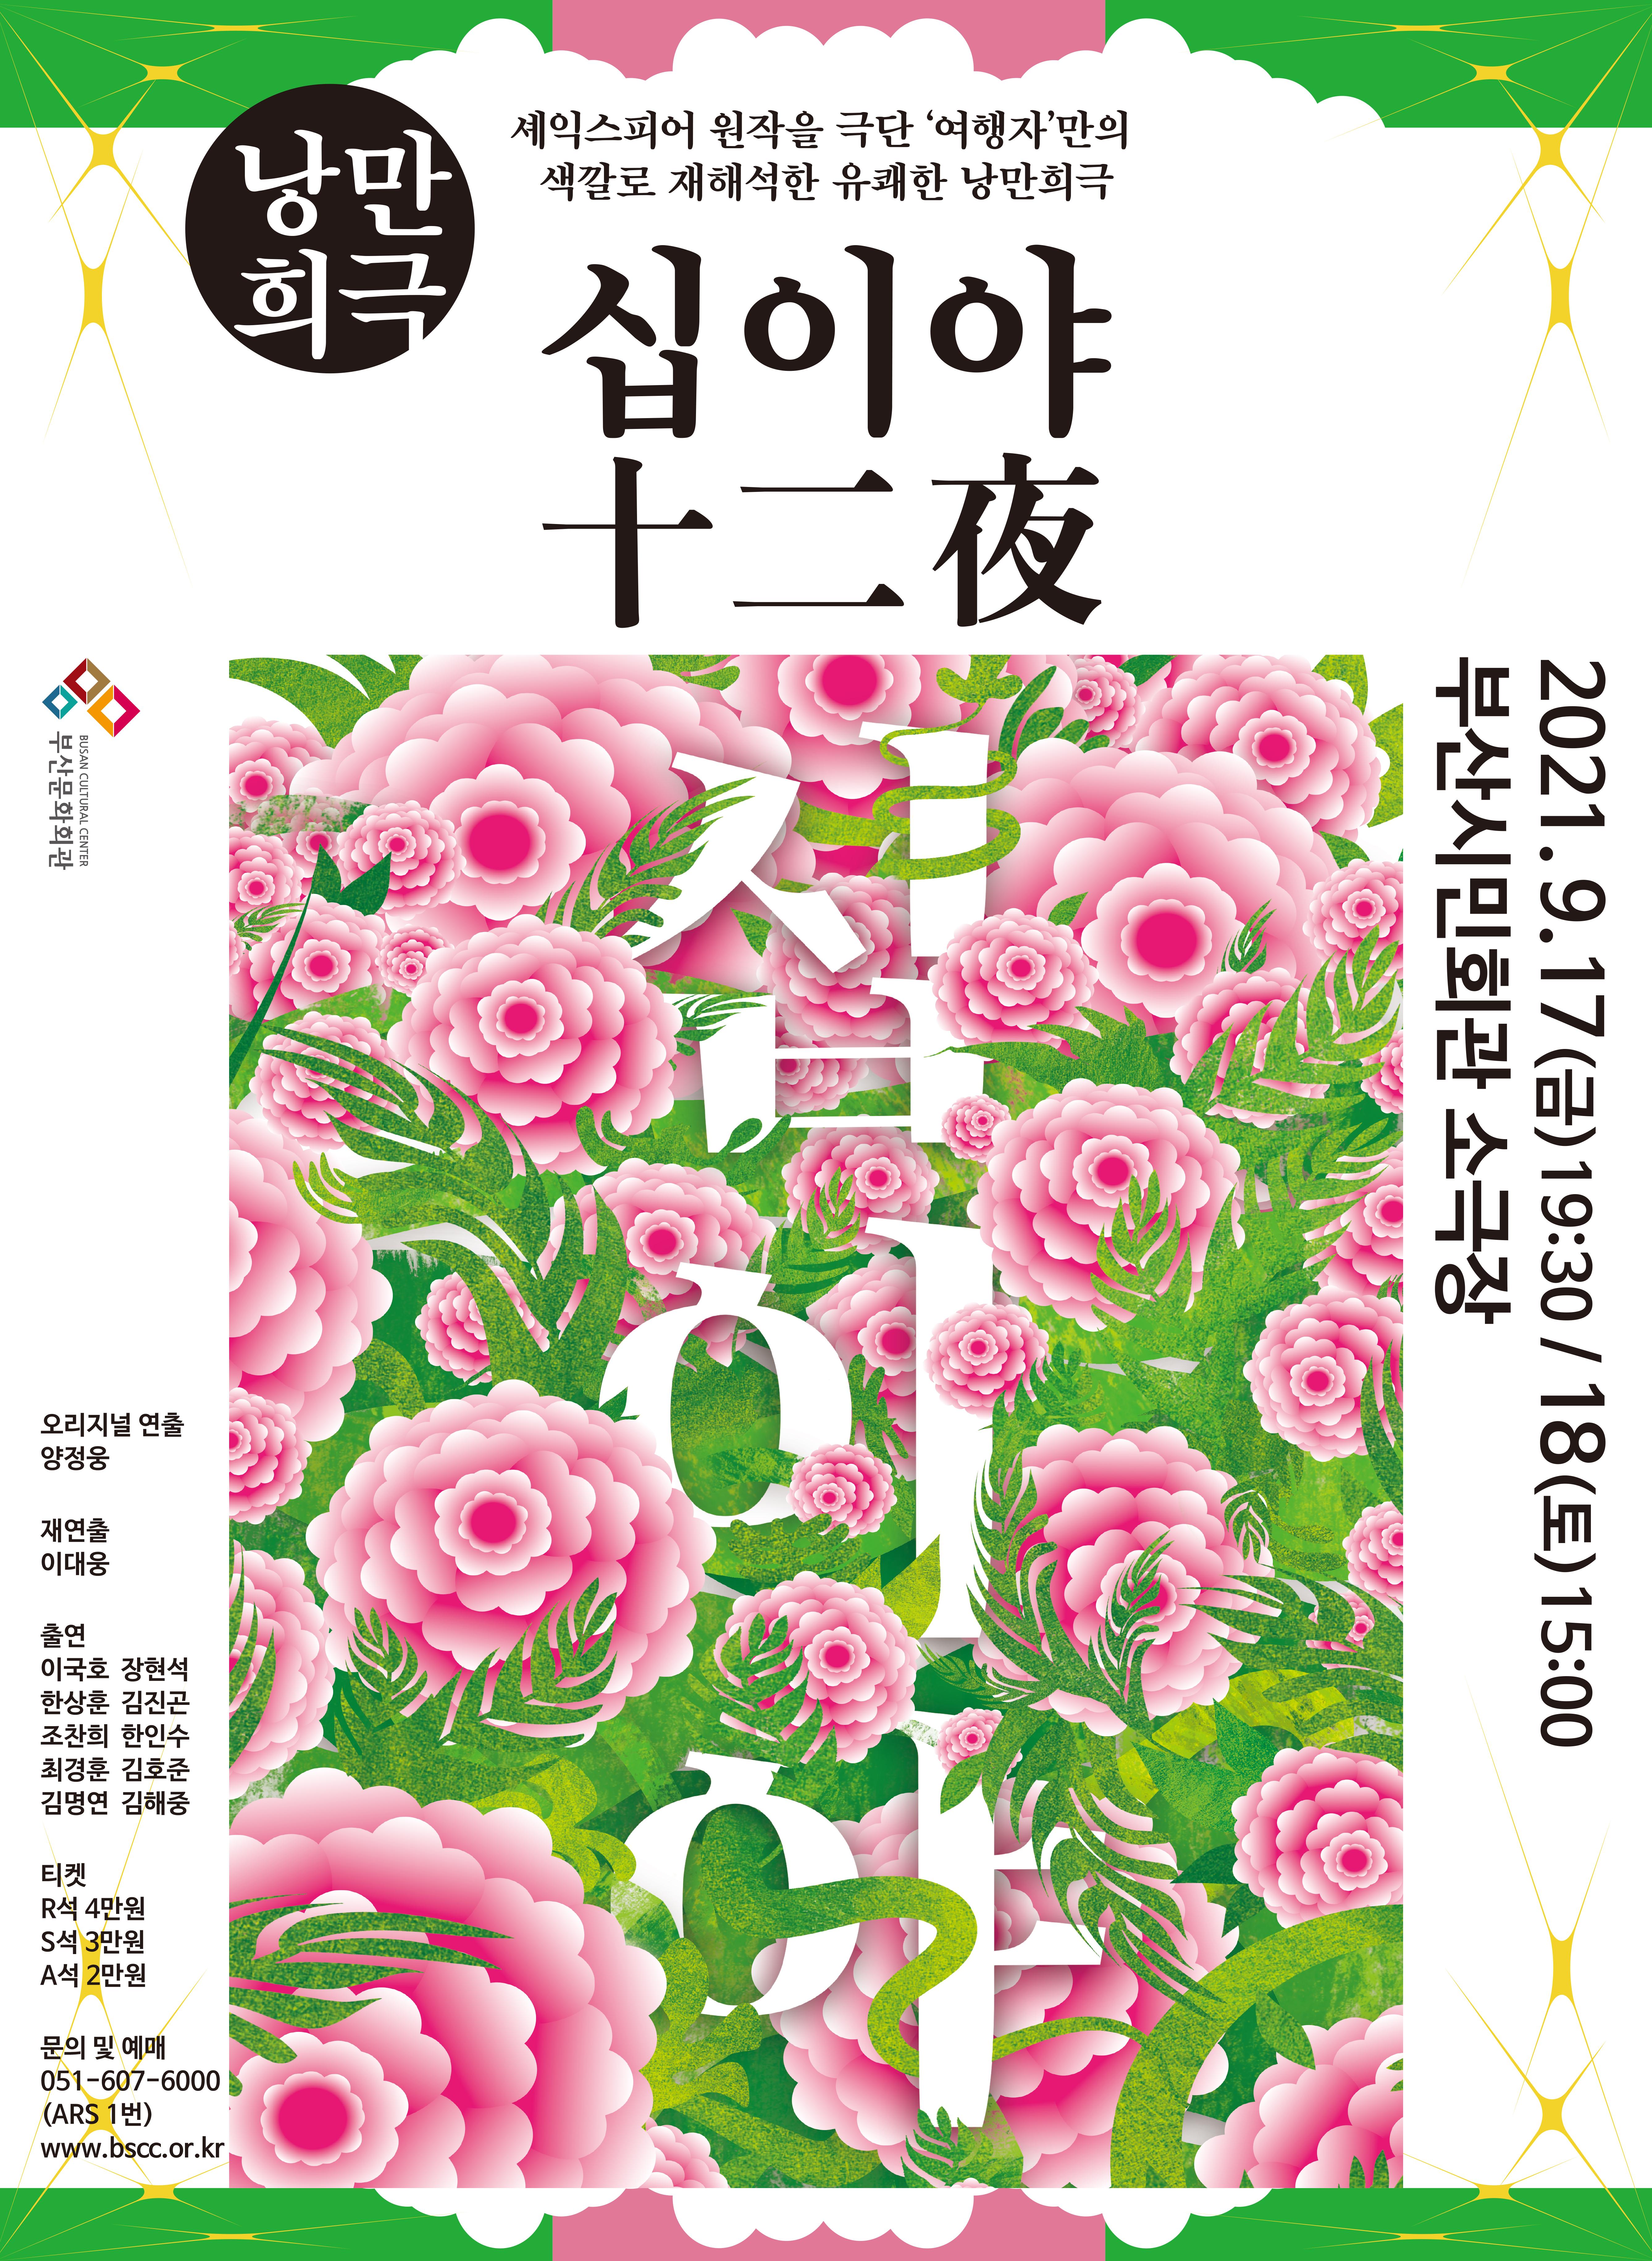 [공연취소]낭만희극 <십이야(十二夜)>